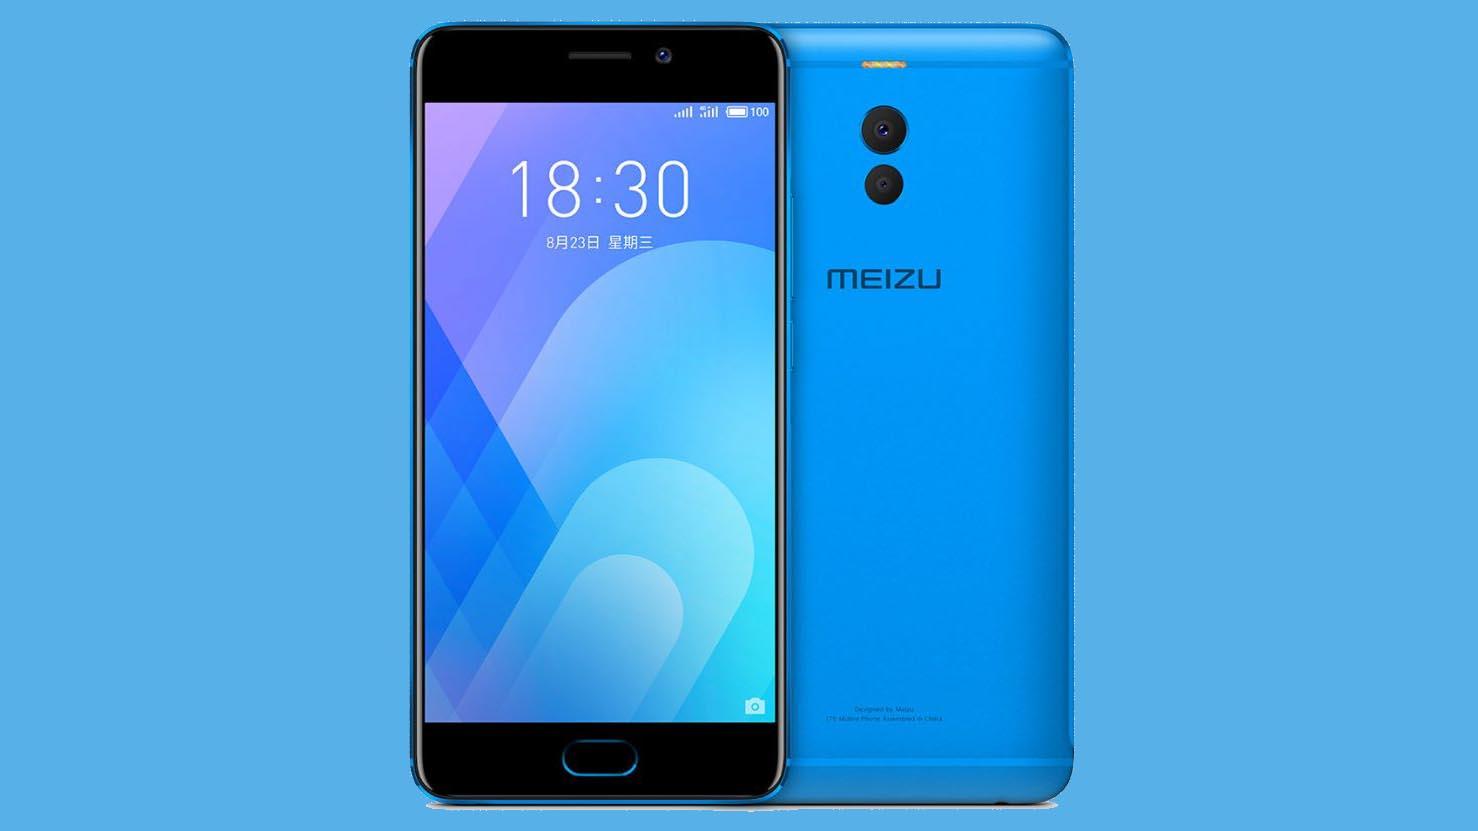 meizu m6 note smartphone low cost e doppia fotocamera libero tecnologia. Black Bedroom Furniture Sets. Home Design Ideas